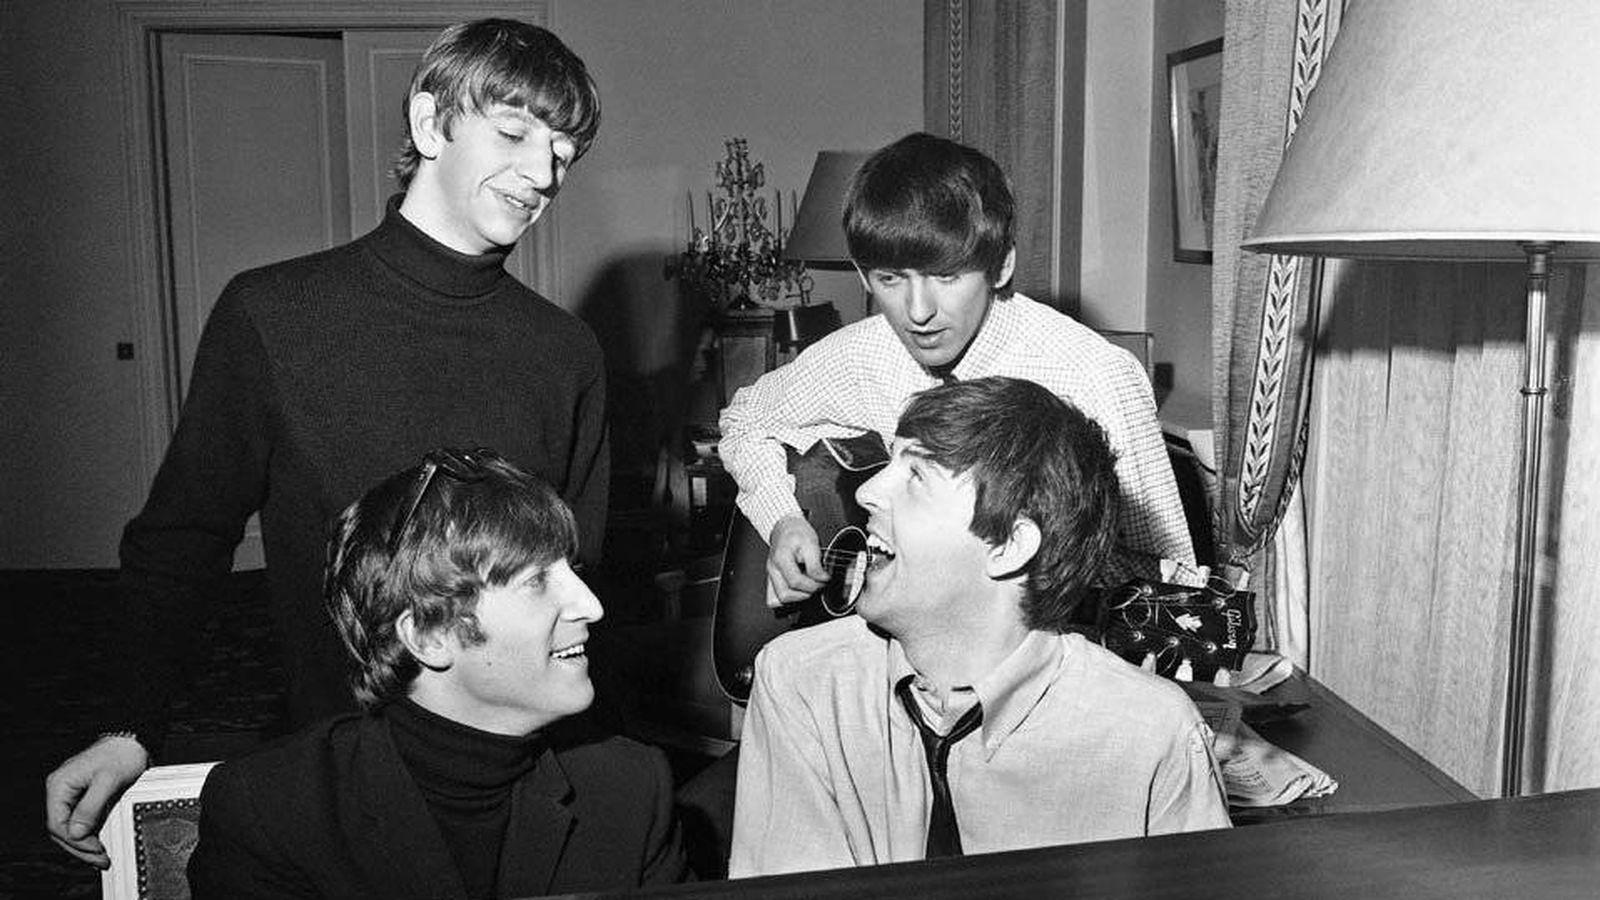 Foto: Los Beatles, en los años sesenta (Harry Benson)